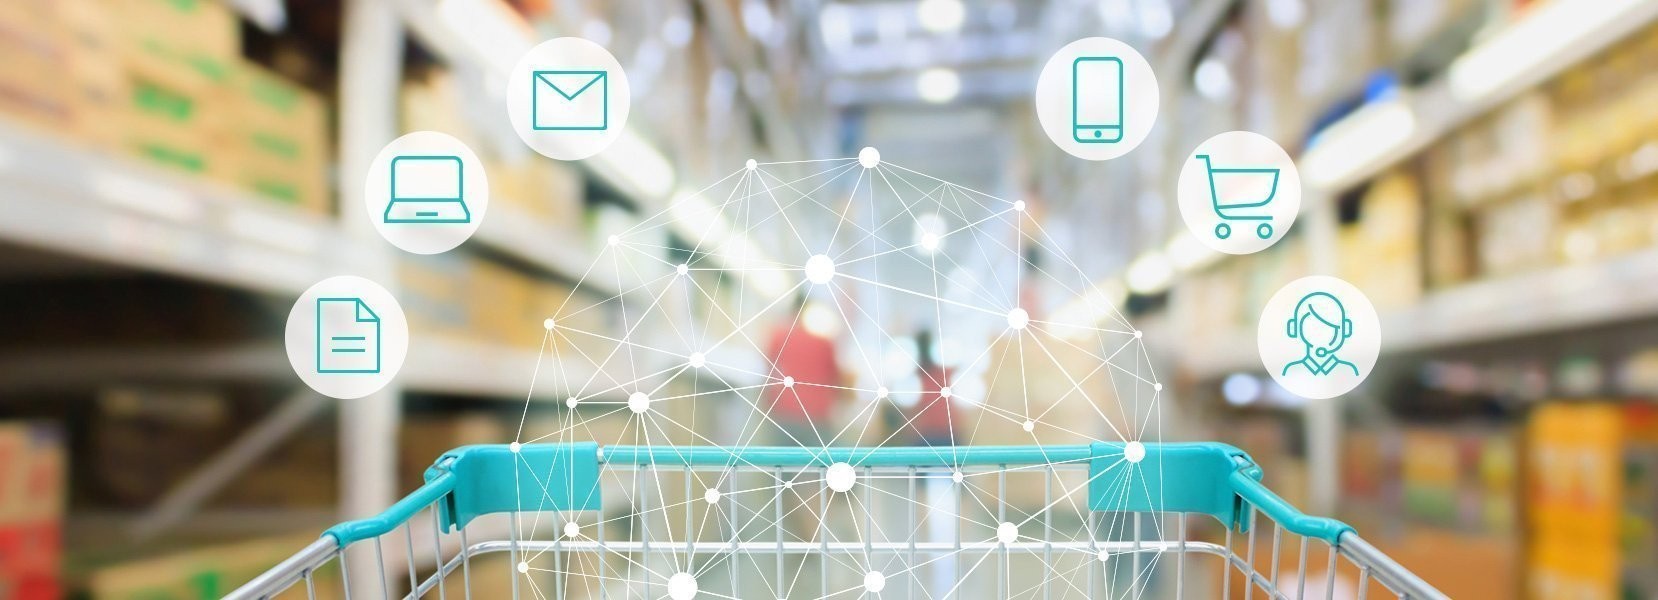 Perakende Sektöründe Şirketleri Geleceğe Taşıyacak 5 İş Modeli